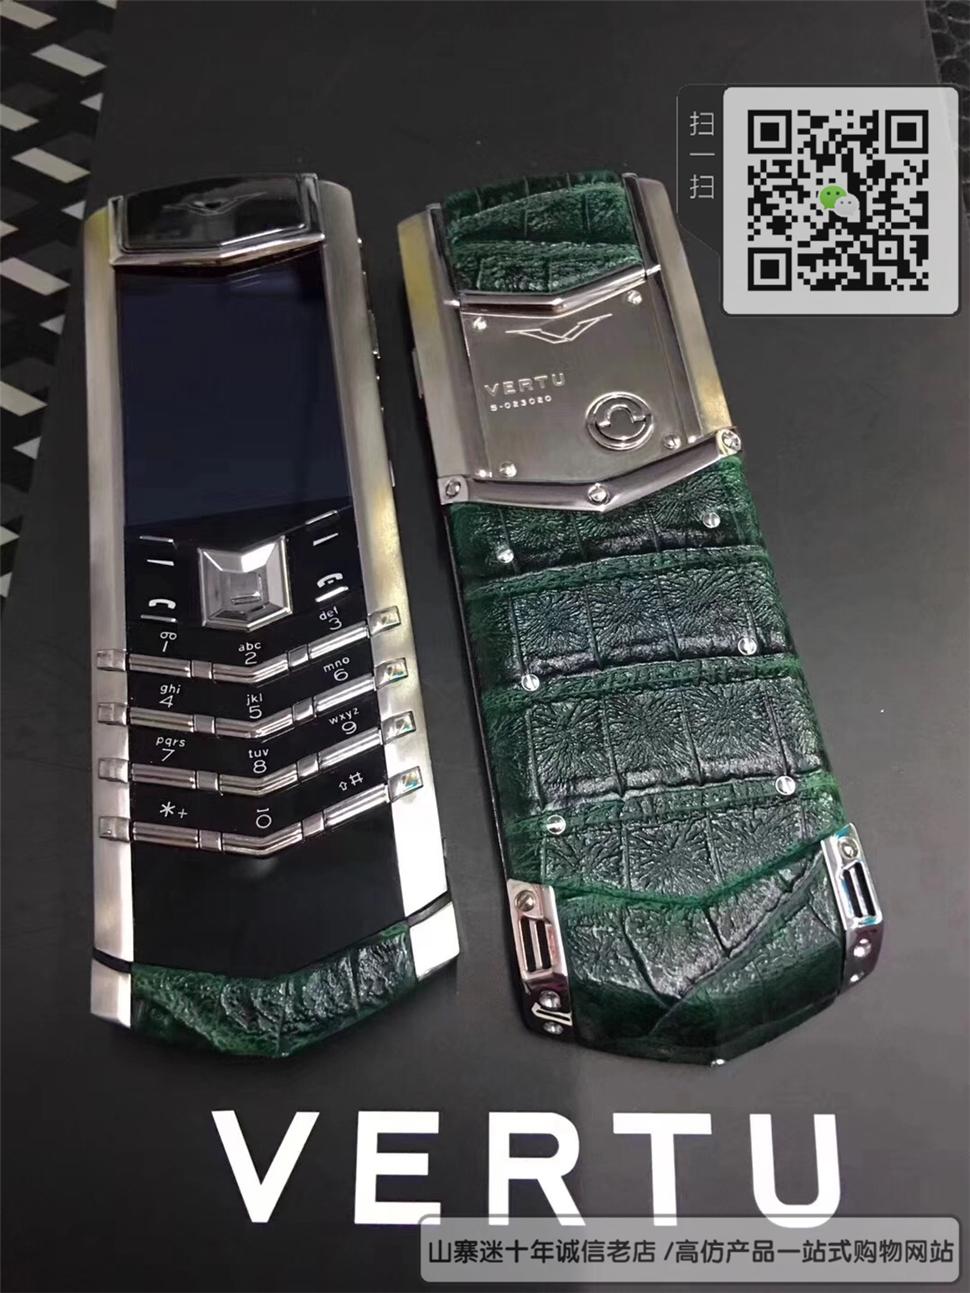 精仿威图总裁签名版手机-绿色+黑色+白金色-鳄鱼皮 ☼